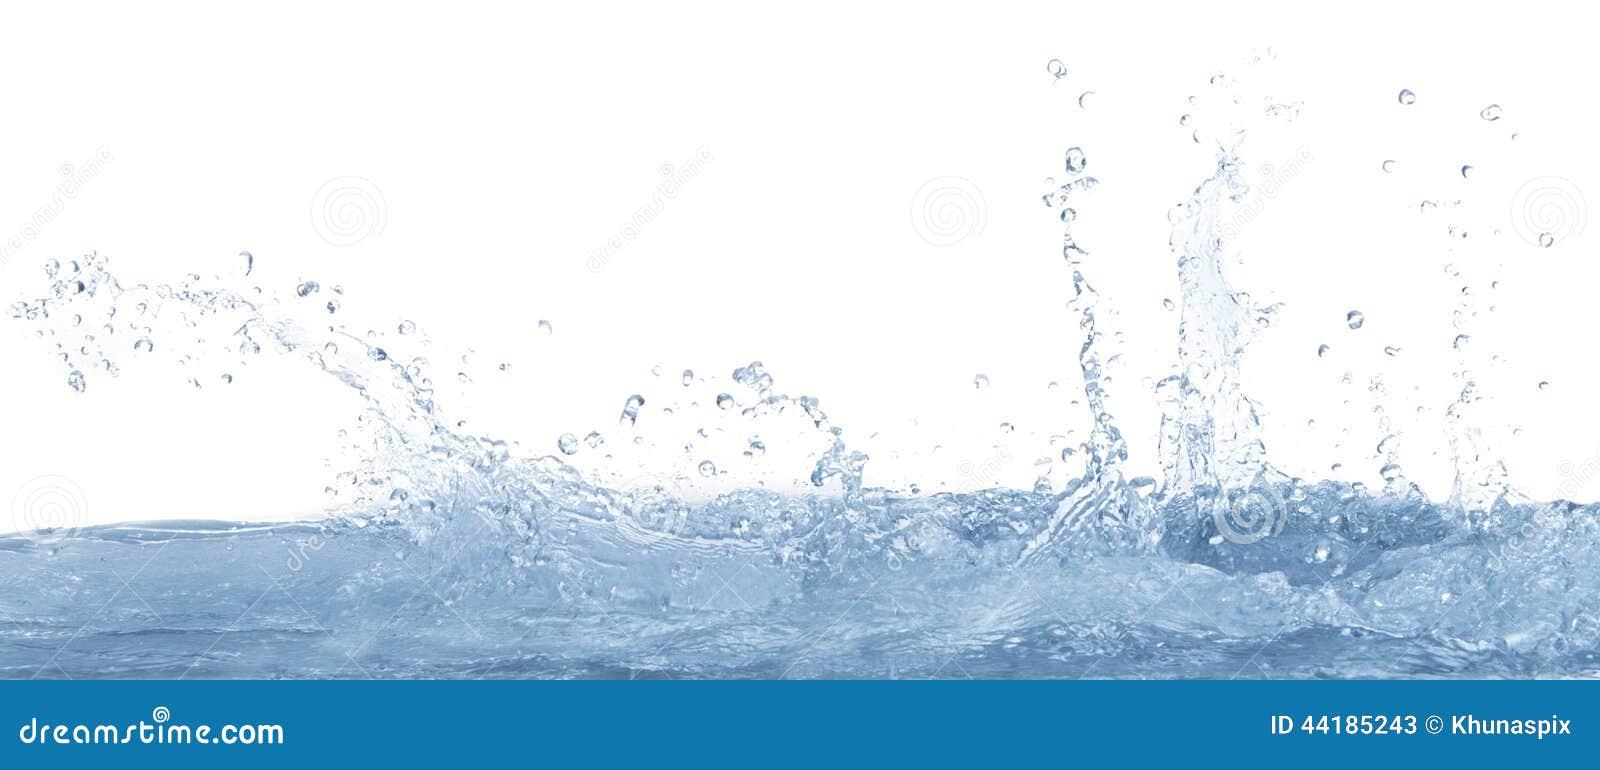 Het bespatten van duidelijk water op wit gebruik als achtergrond voor verfrissing en koele drinkwaterachtergrond